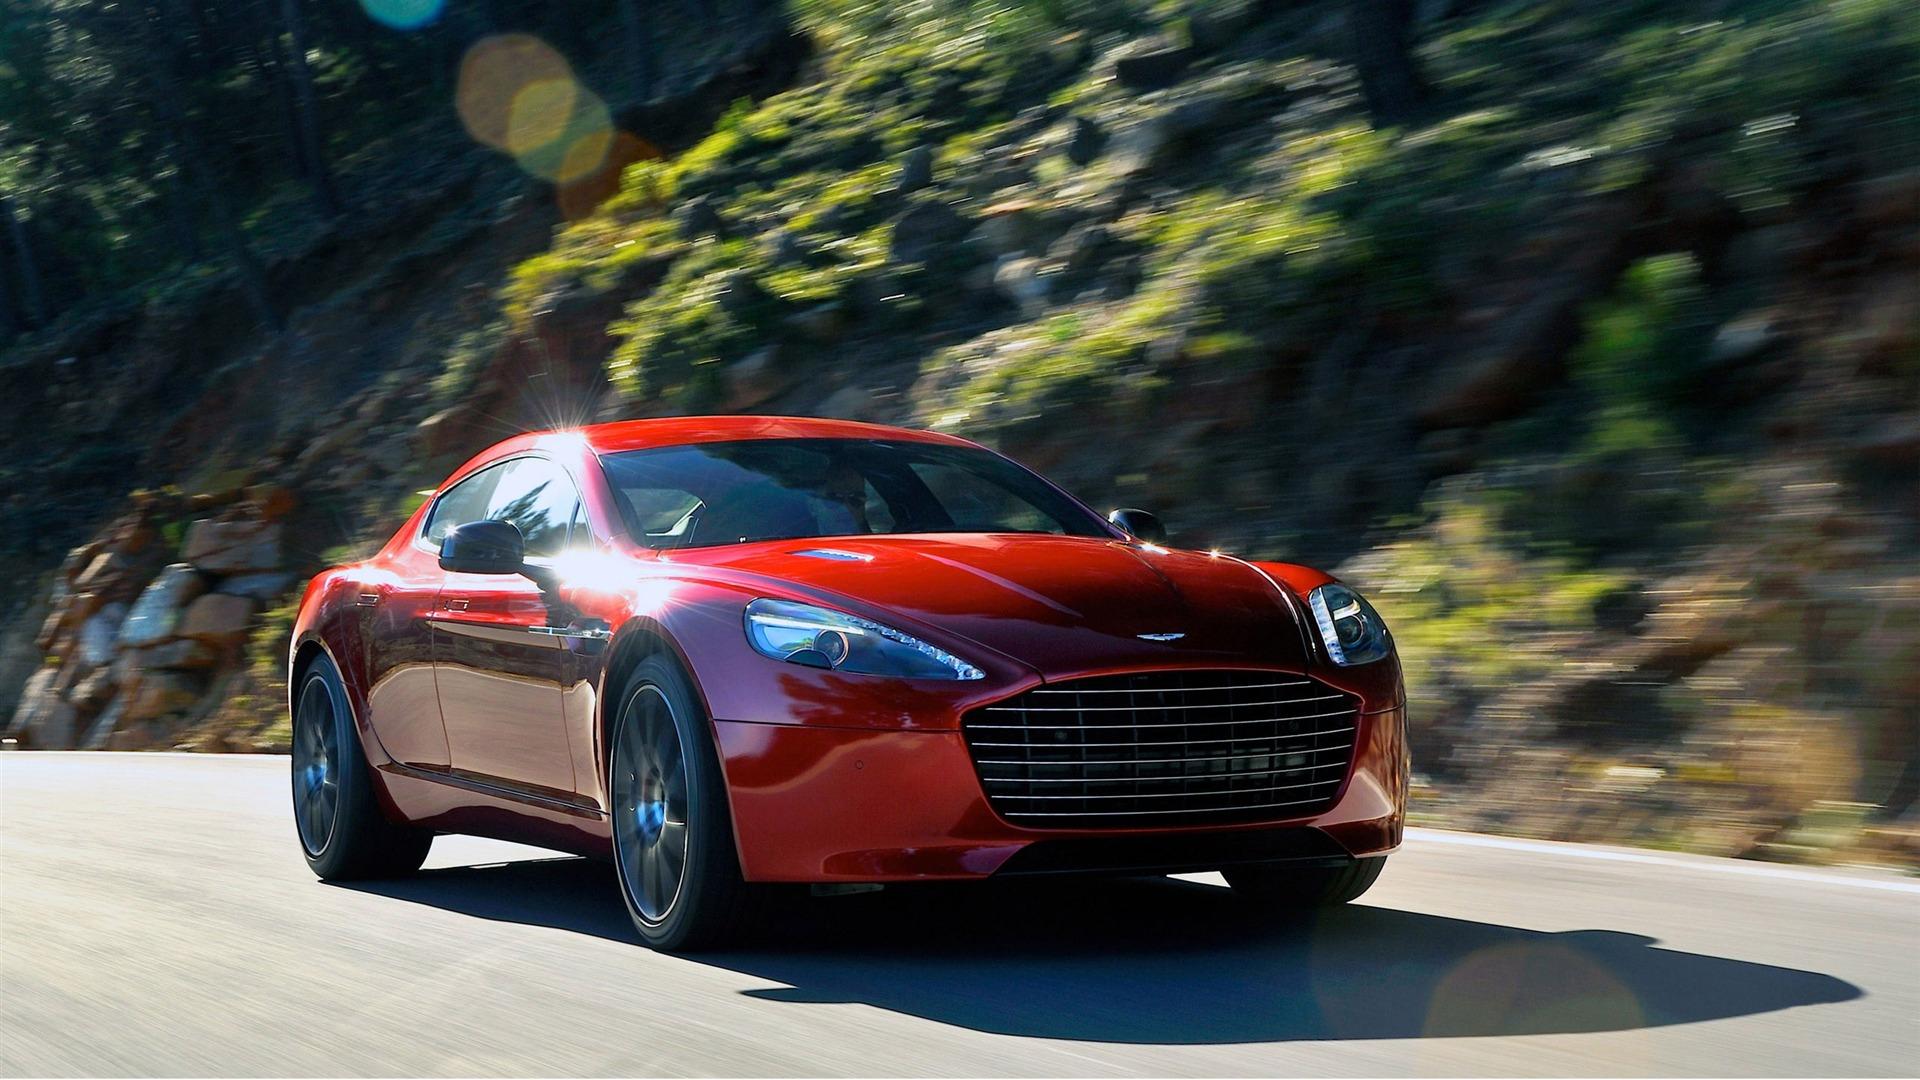 Fondo De Pantalla De 2014 De Aston Martin Rapide S Auto Hd